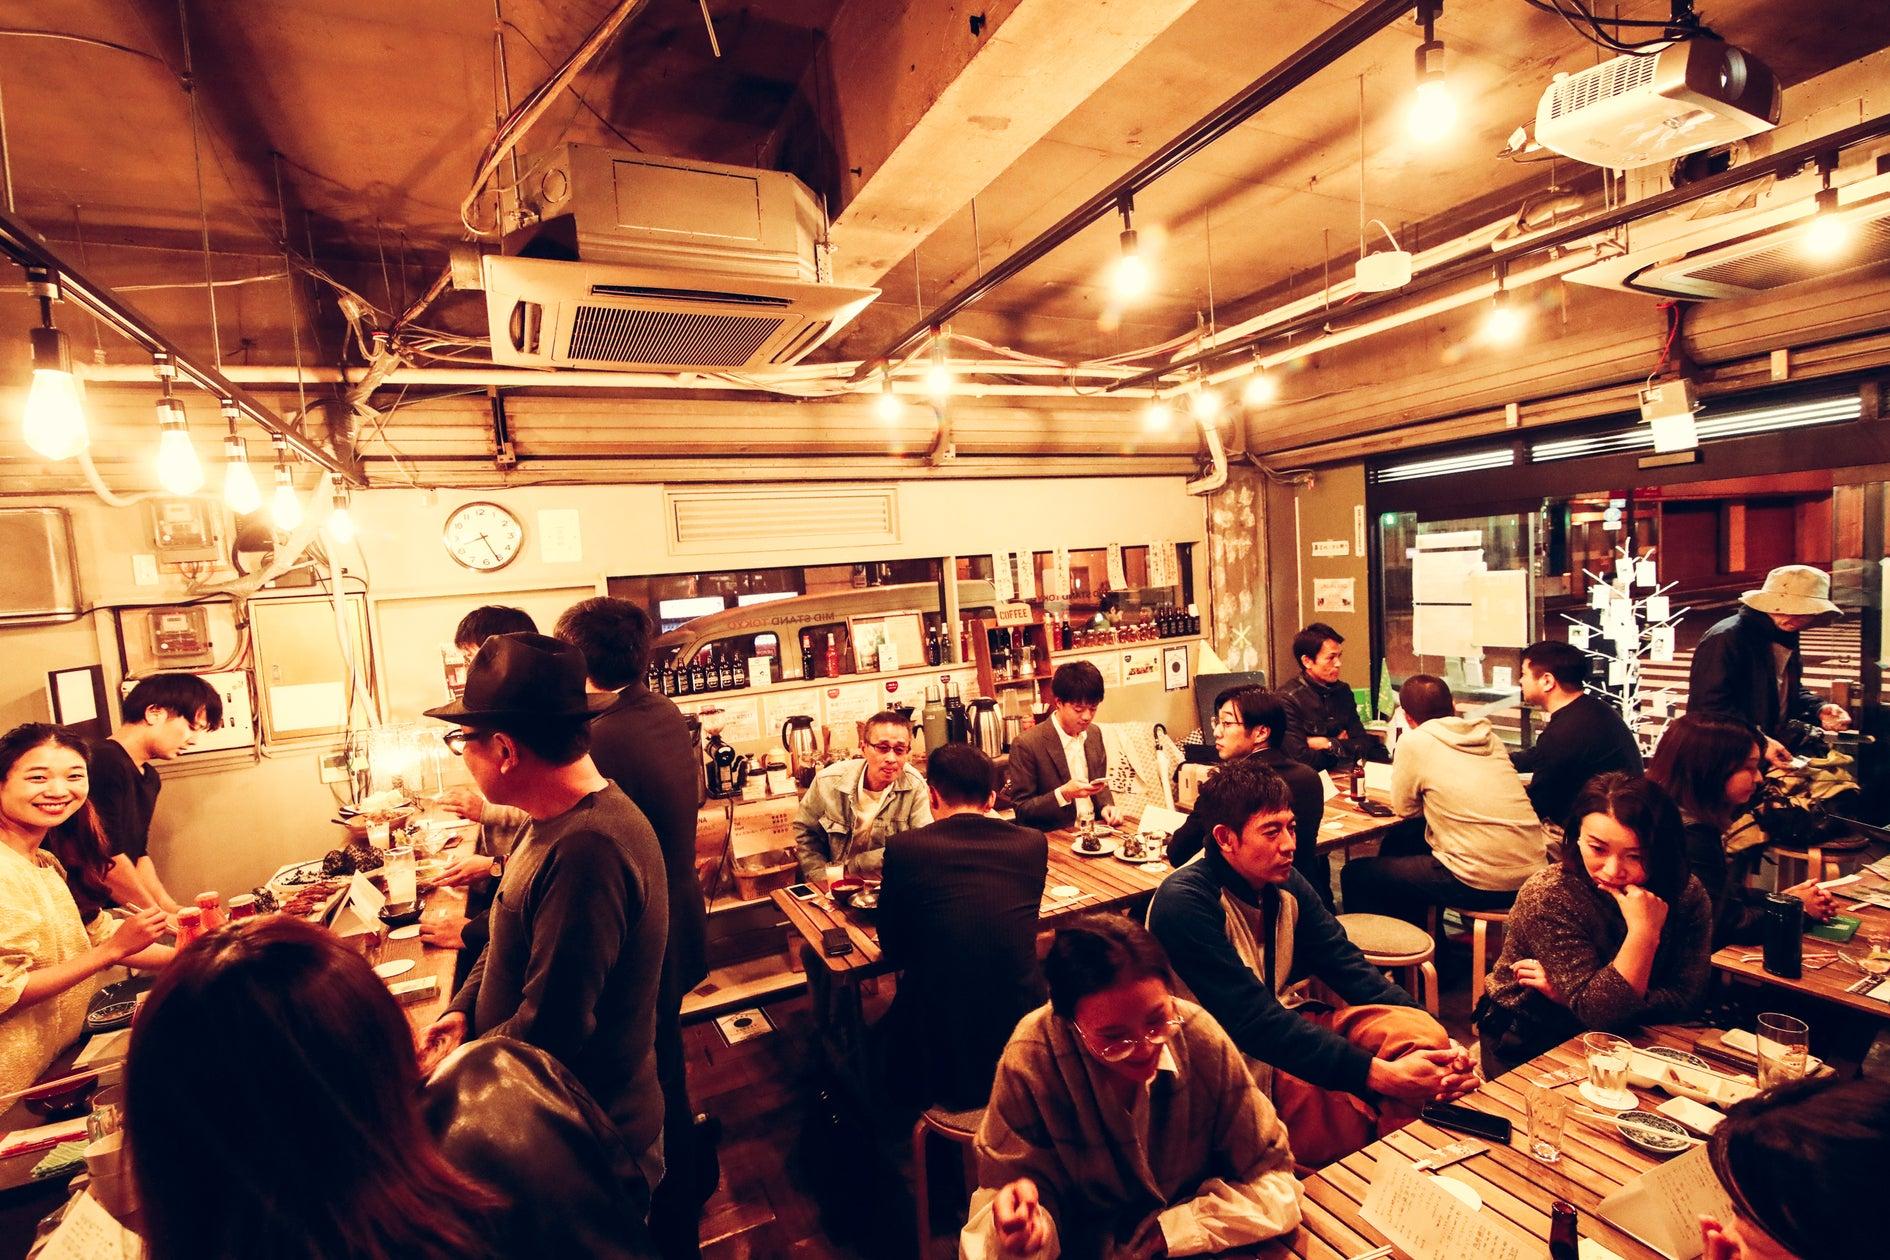 【地域に開かれたオープンなキッチン付レンタルスペース】パーティ、料理イベント、地域活性化イベントなど、好評受付中! の写真